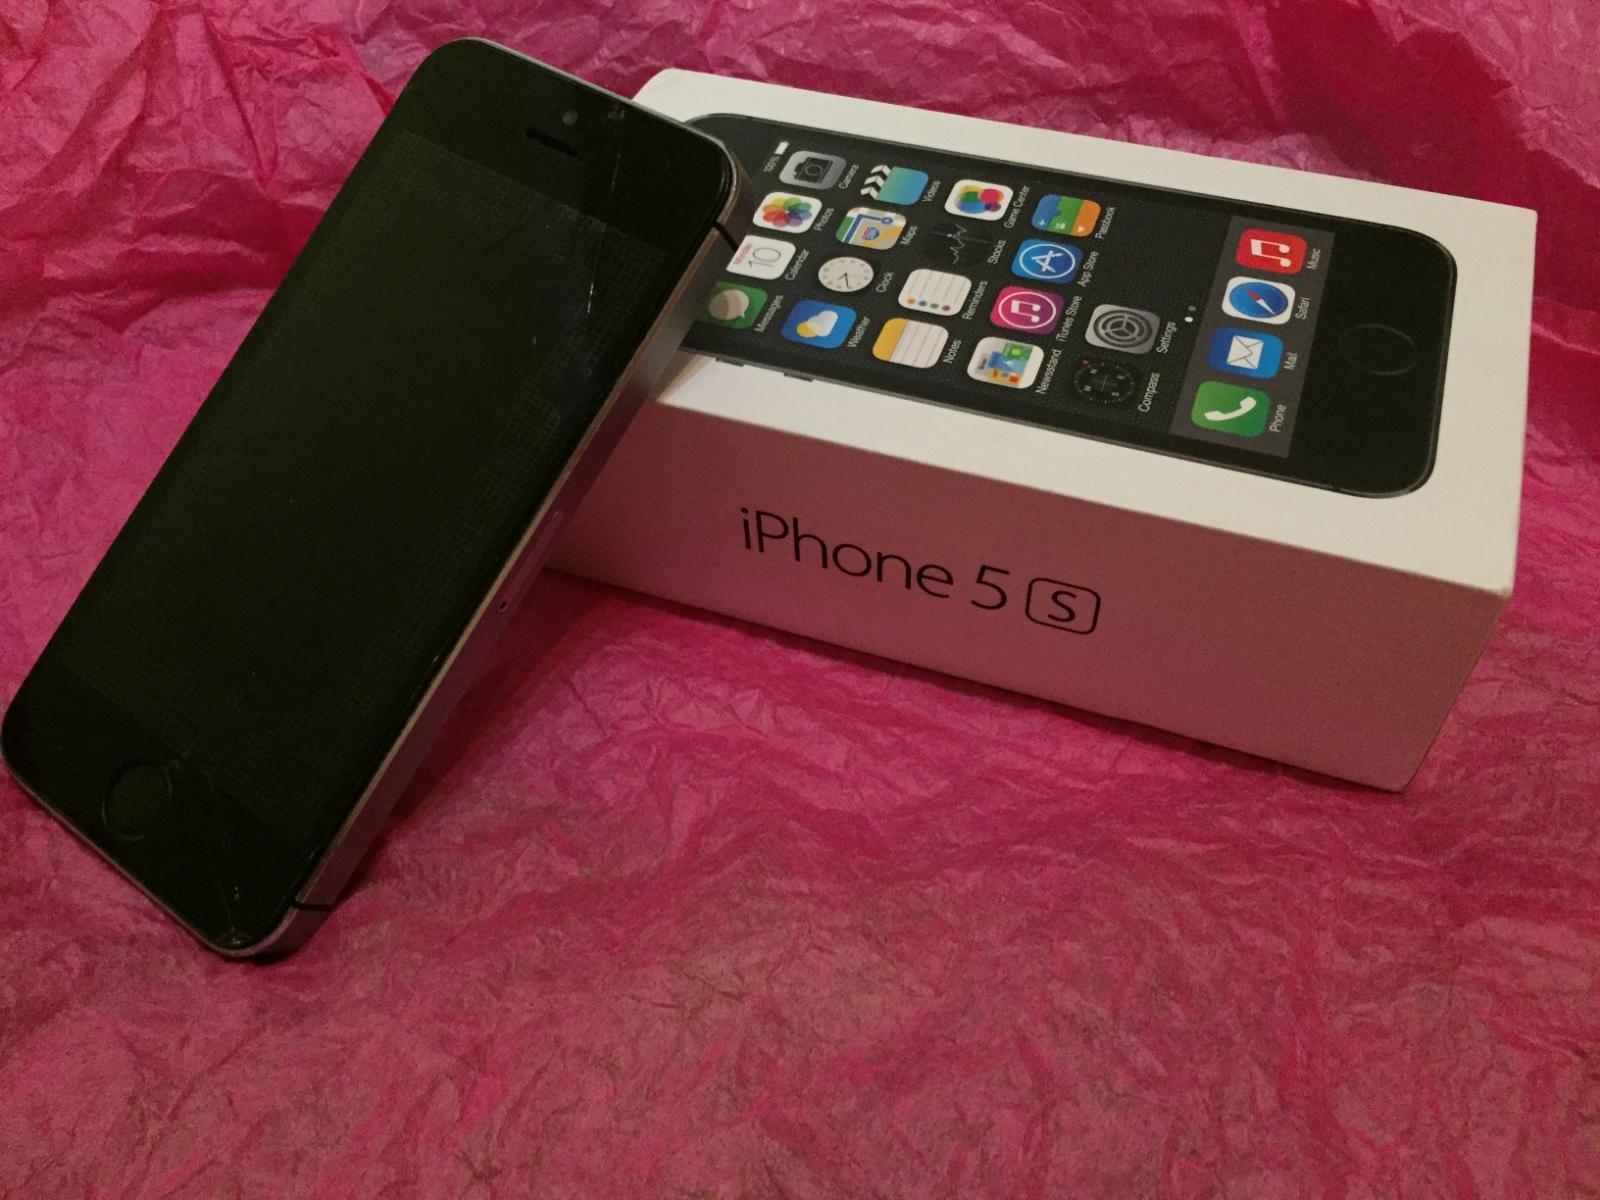 Iphone 5s space grey 16gb apple 25 € od predávajºcej habababa Detsk½ bazár